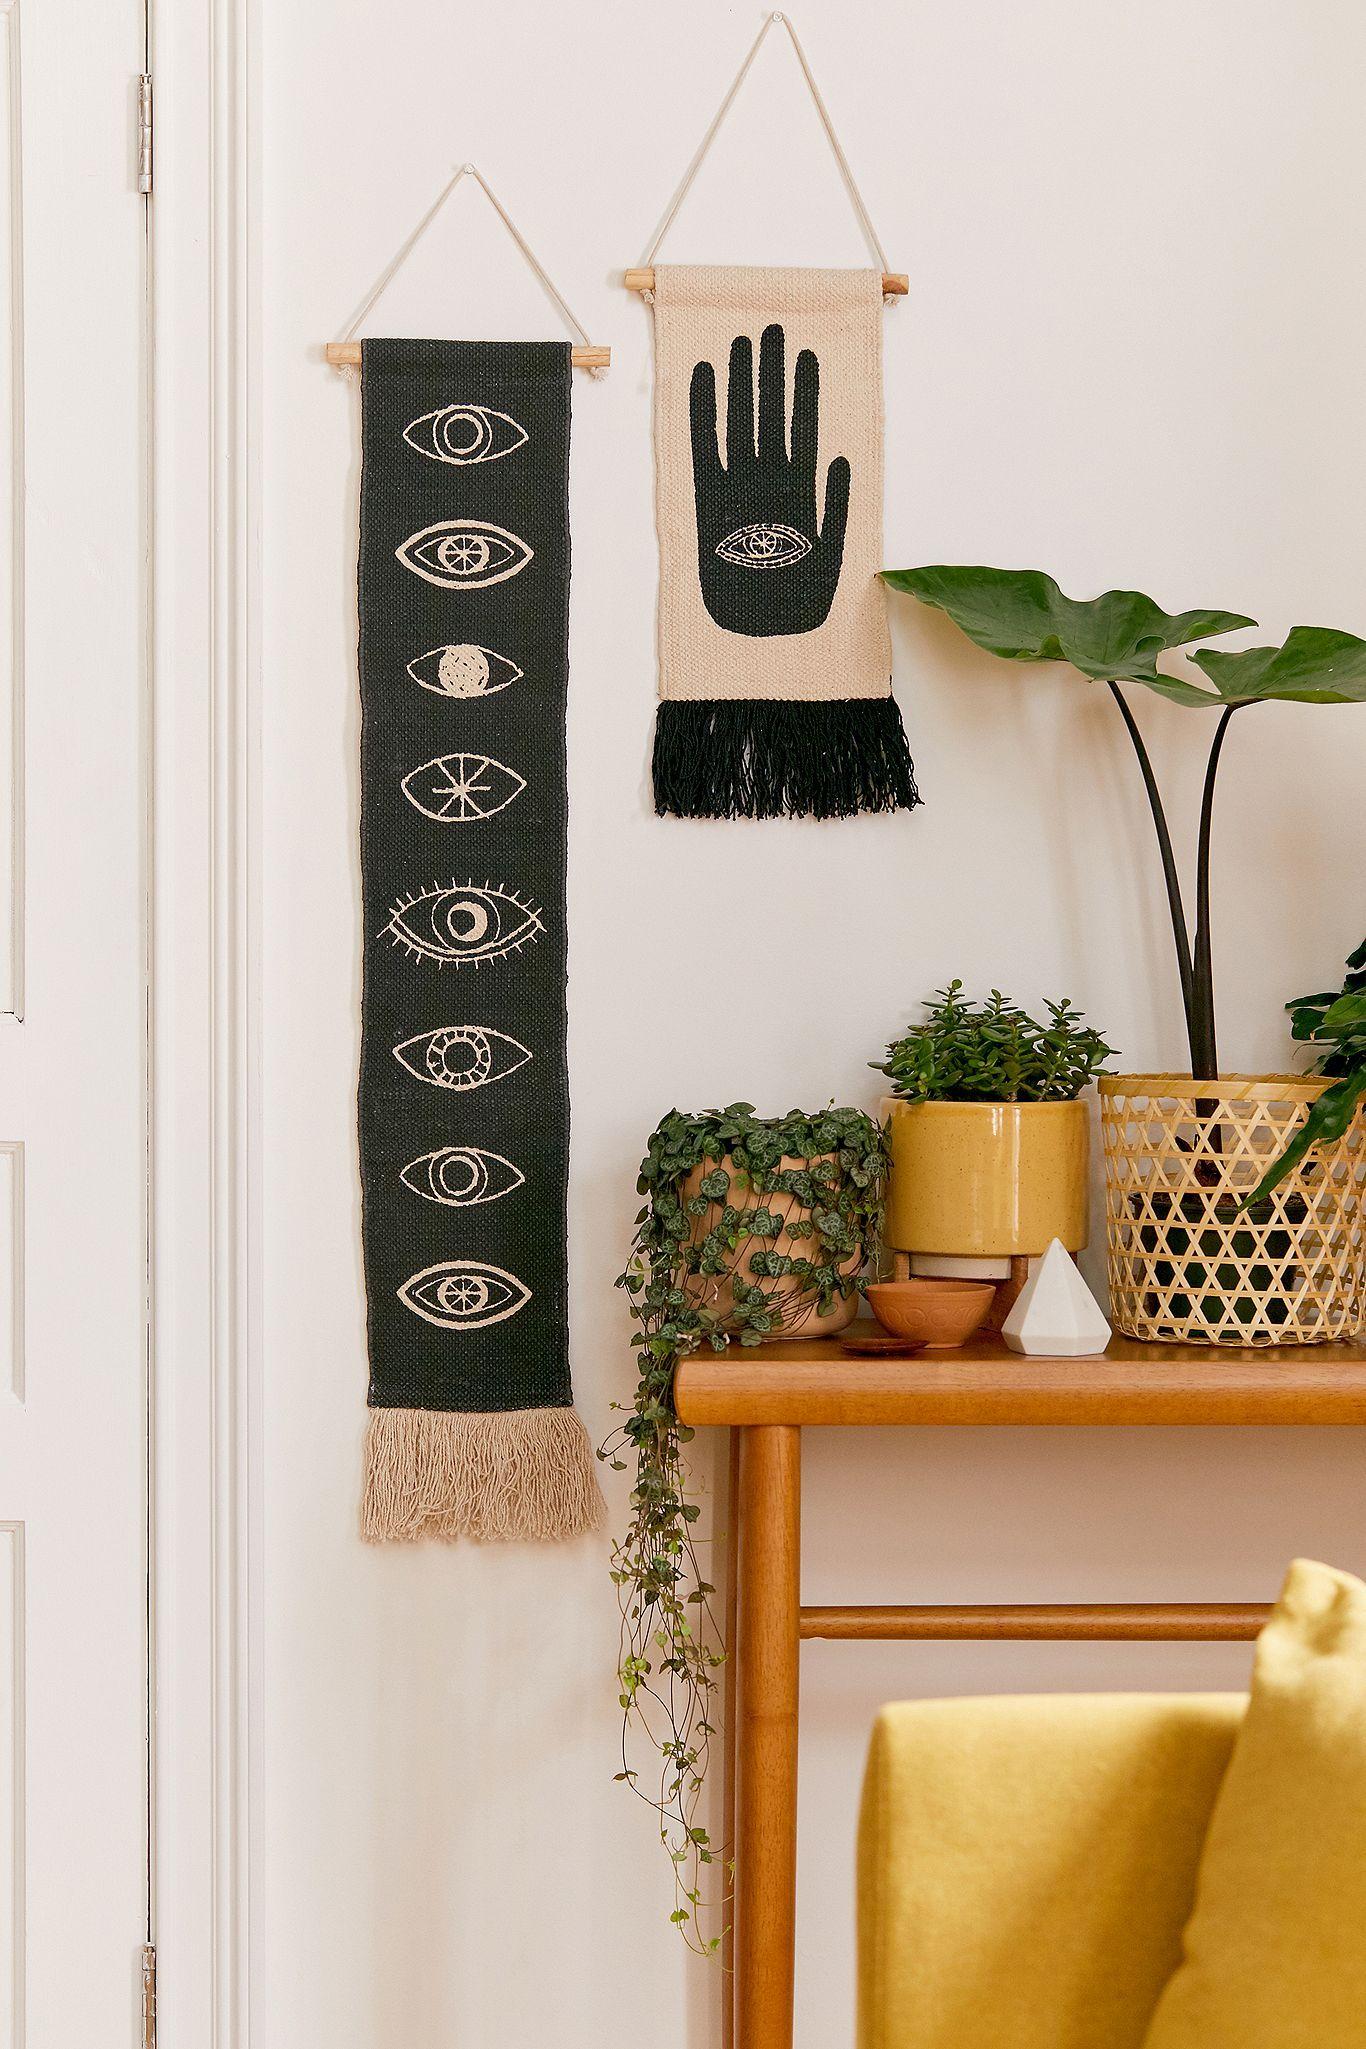 Hand Wall Hanging Urban Outfitters Uk Decoraciones De Pared De Bricolaje Manualidades Para Decorar Habitacion Decoración De Pared Tumblr